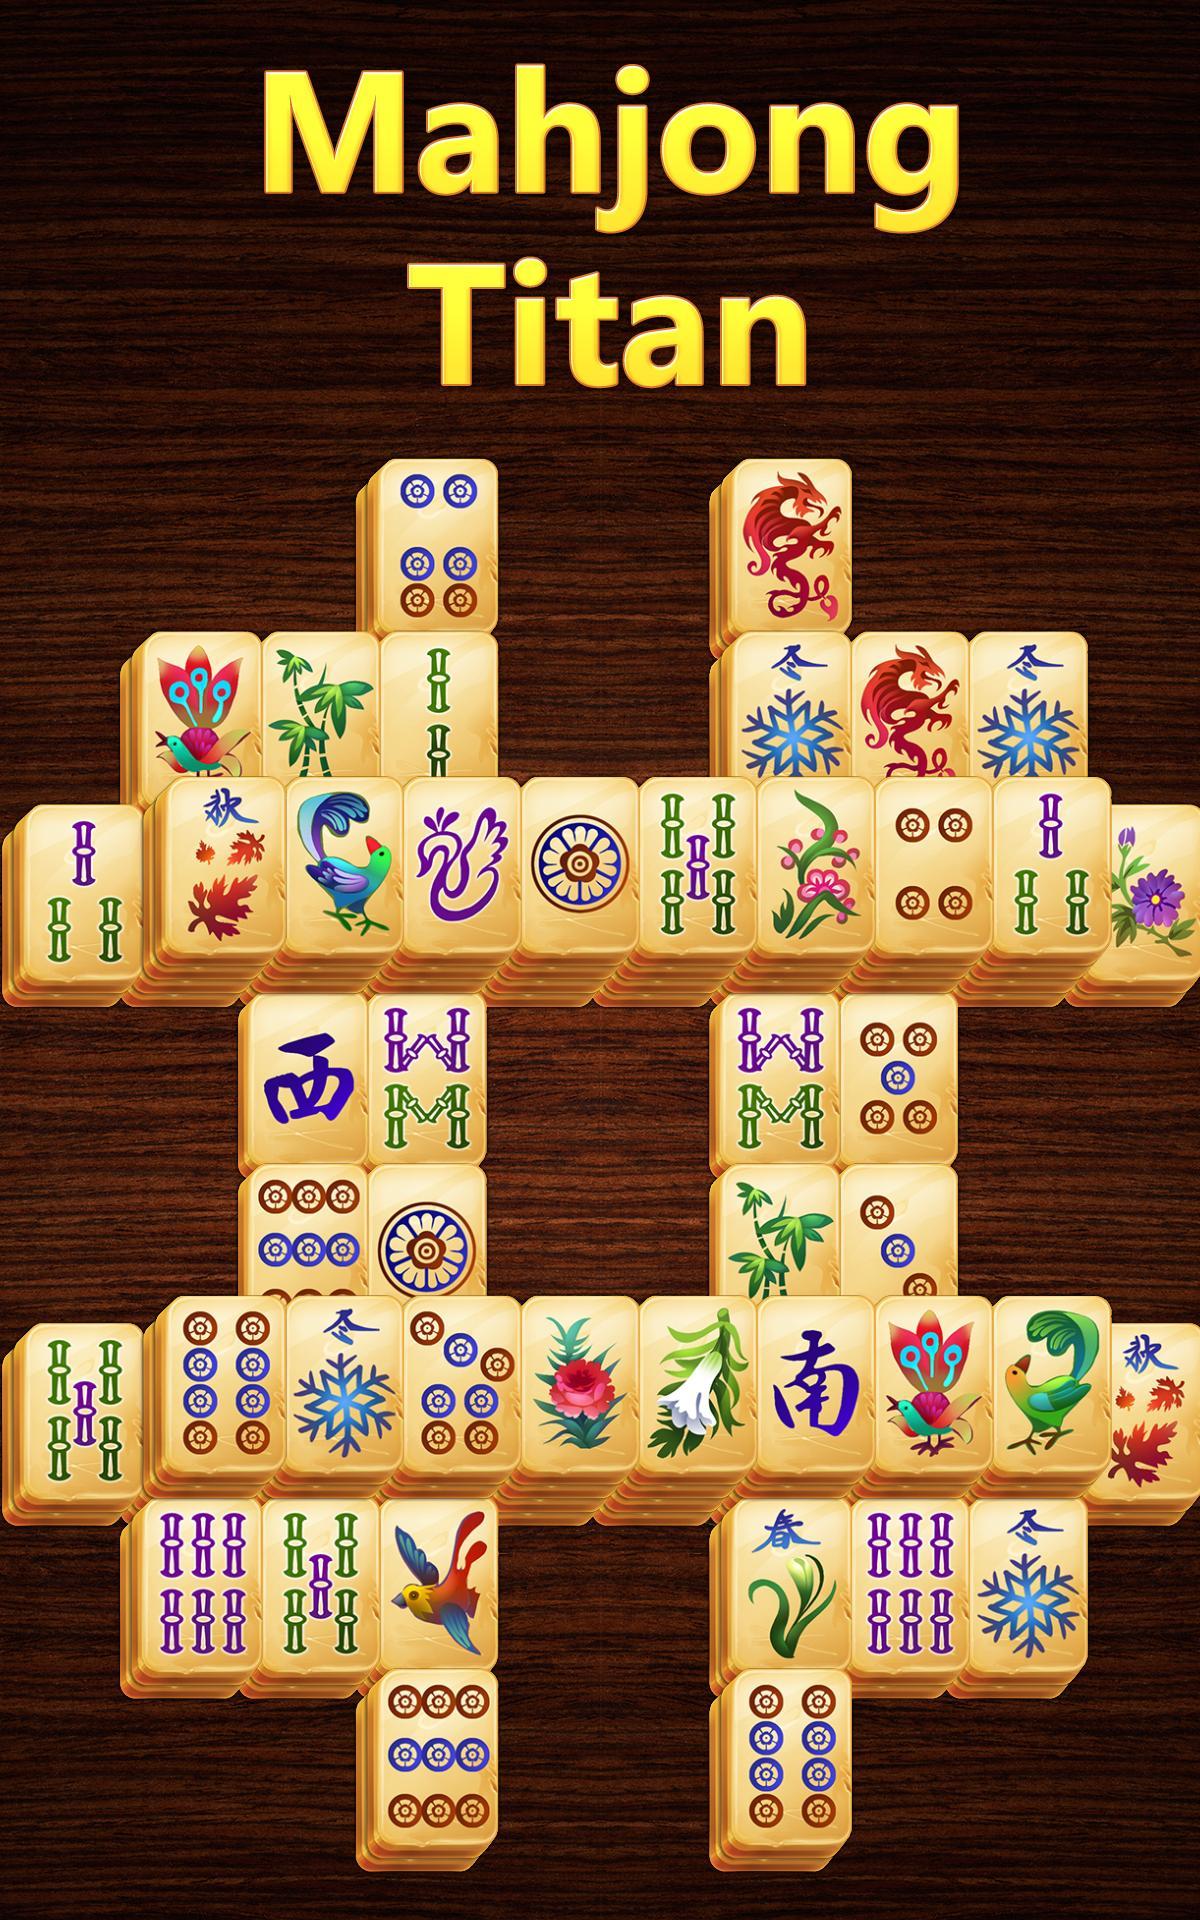 Www.Rtl.Spiele.De Mahjong